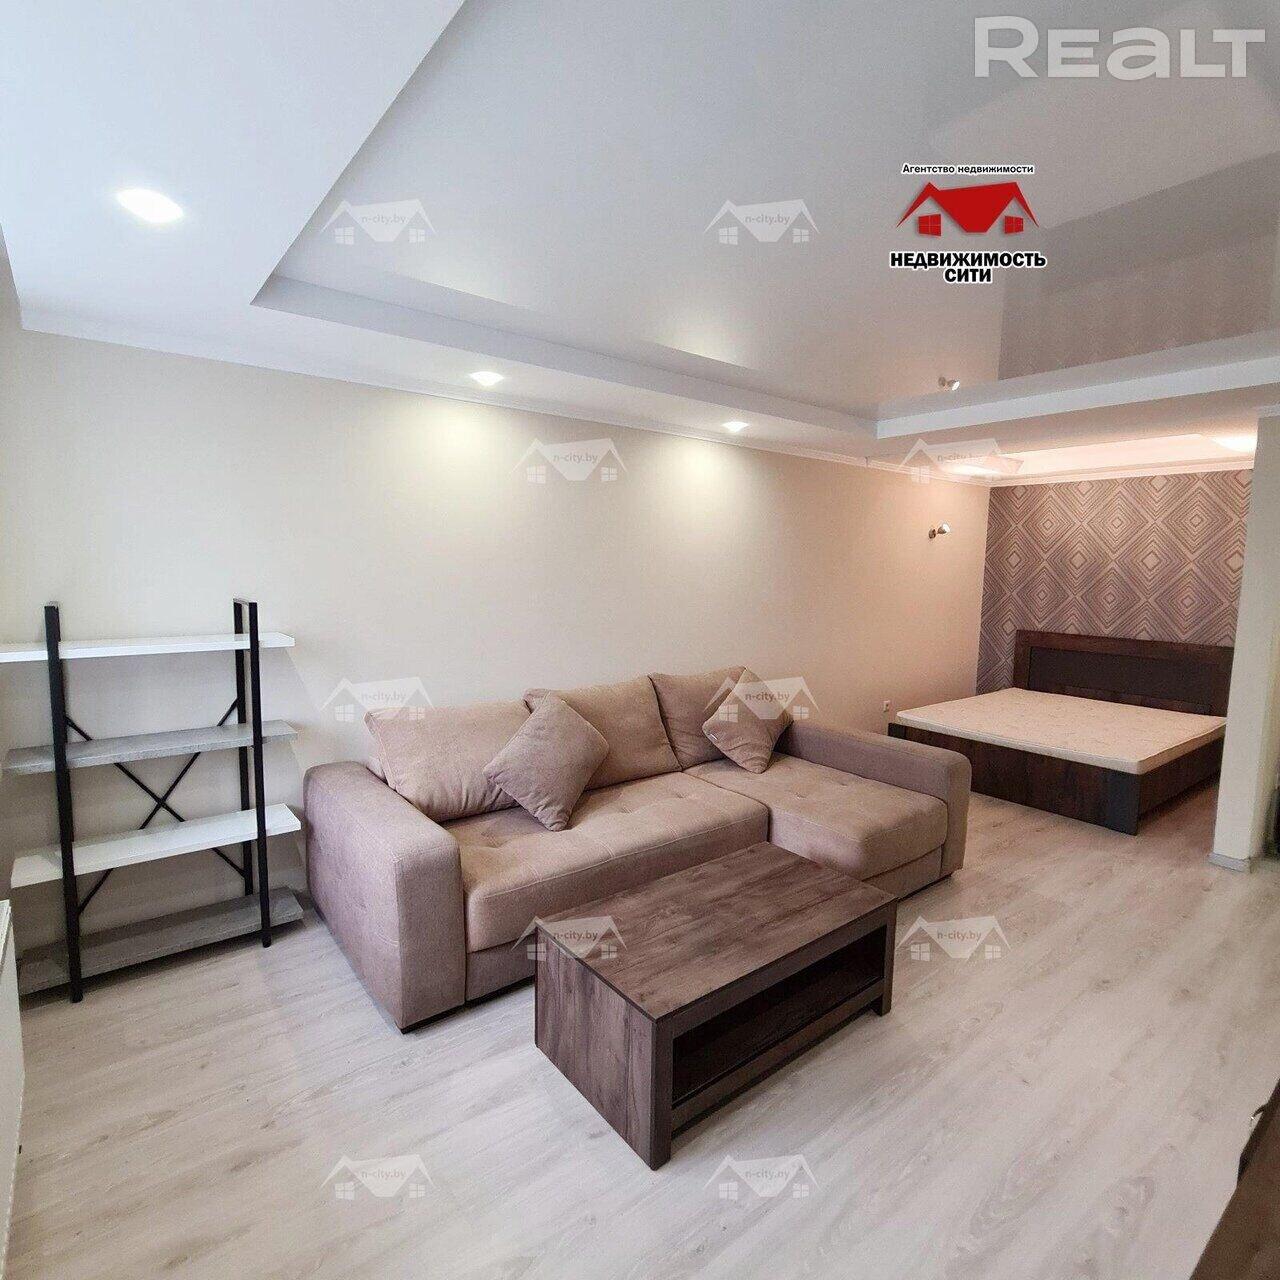 Продажа 1 комнатной квартиры в г. Могилеве, ул. Якубовского, дом 40 (р-н Спутник). Цена 113 962 руб